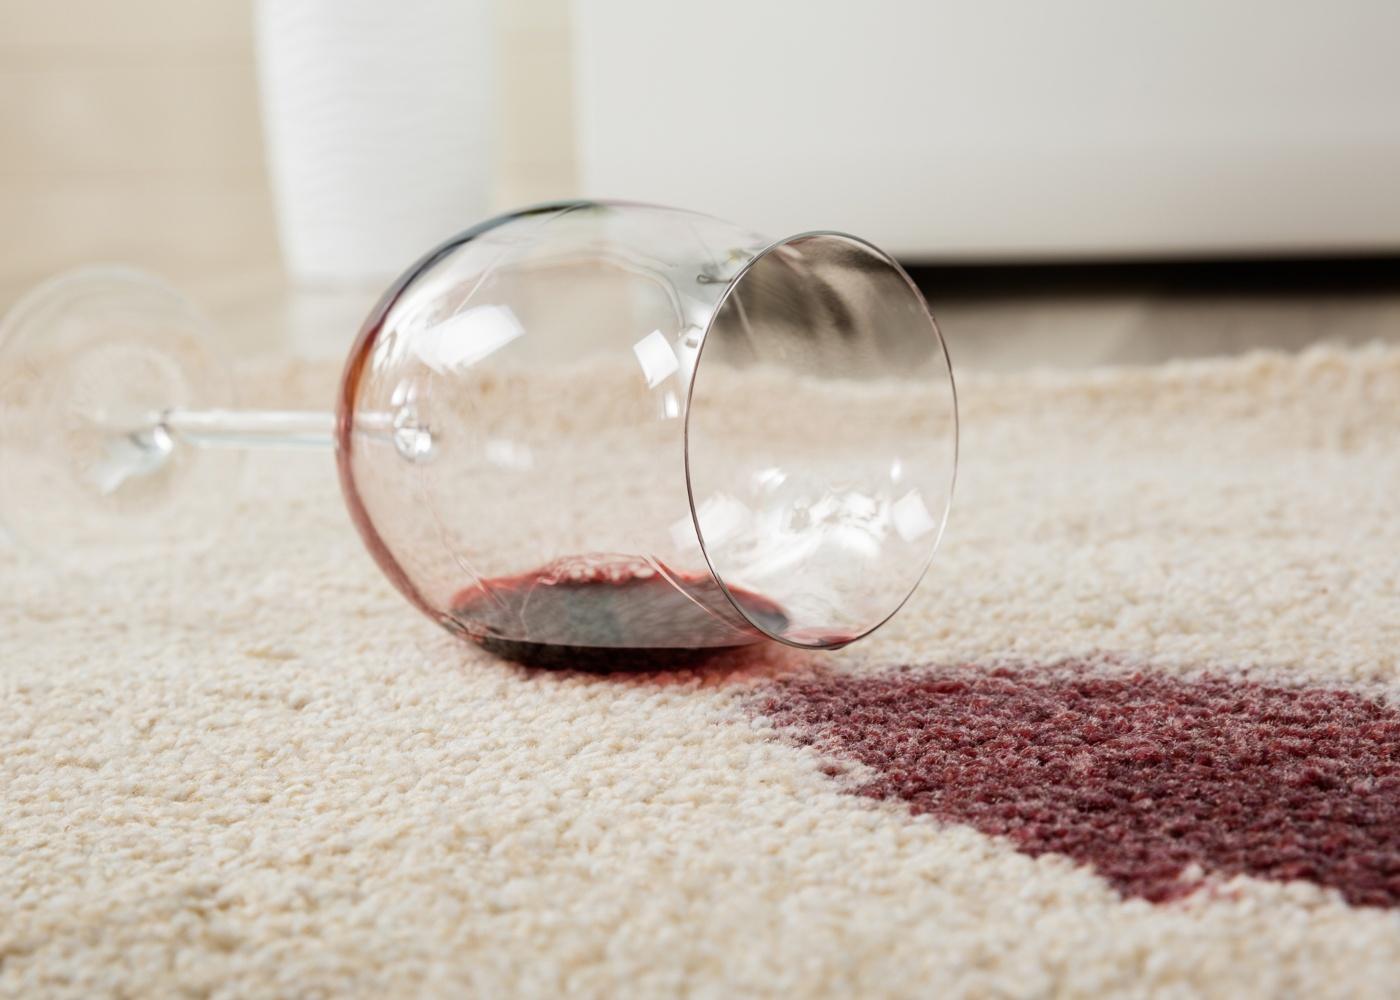 mancha vinho tinto carpete